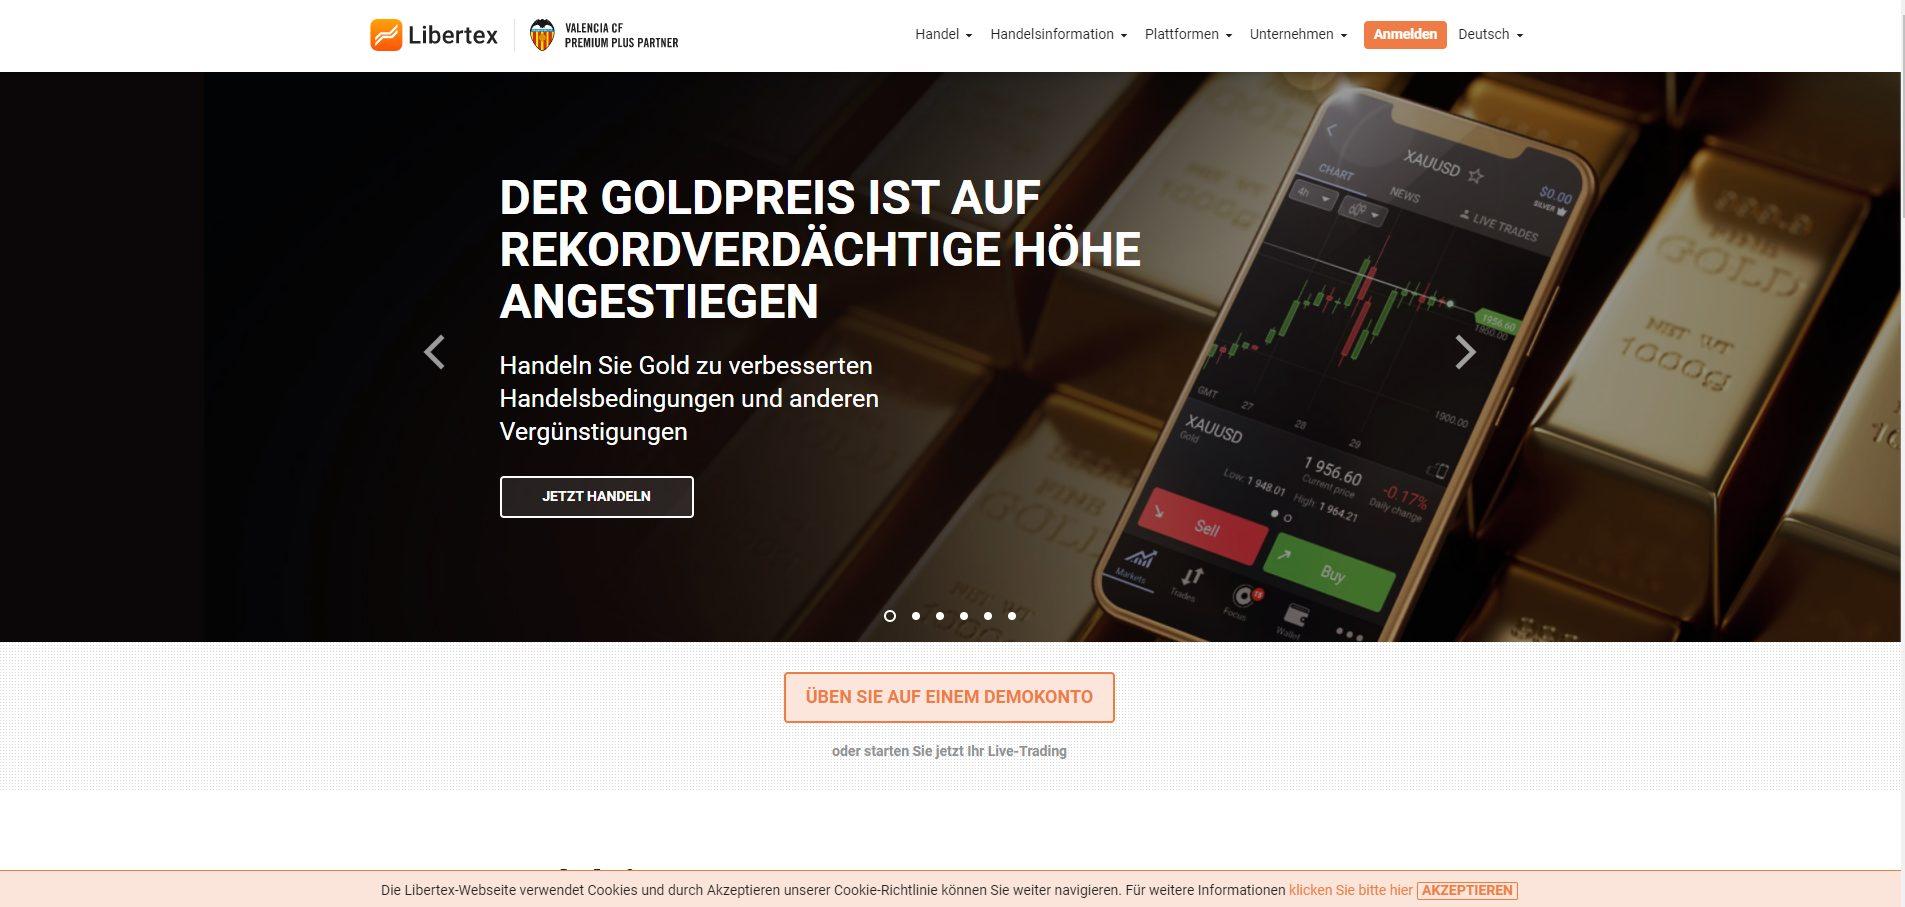 Libertex Forex Broker Webseite Screenshot